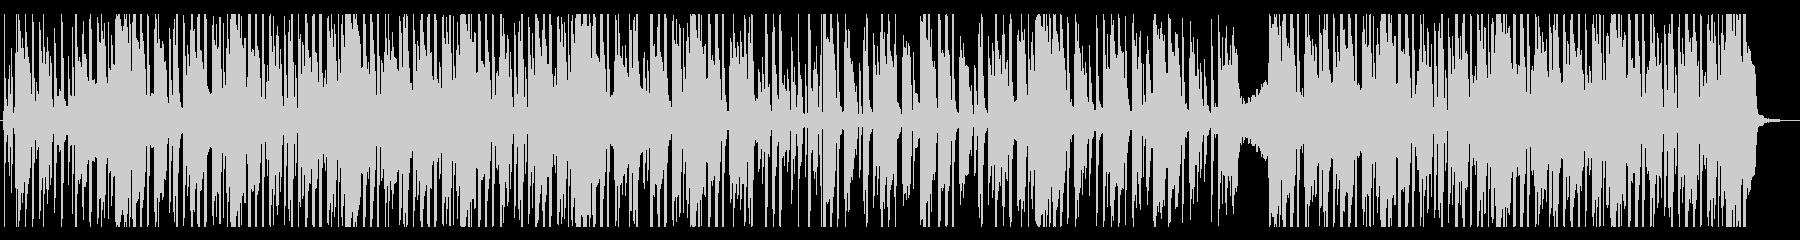 レトロ ビンテージ リラックス の...の未再生の波形